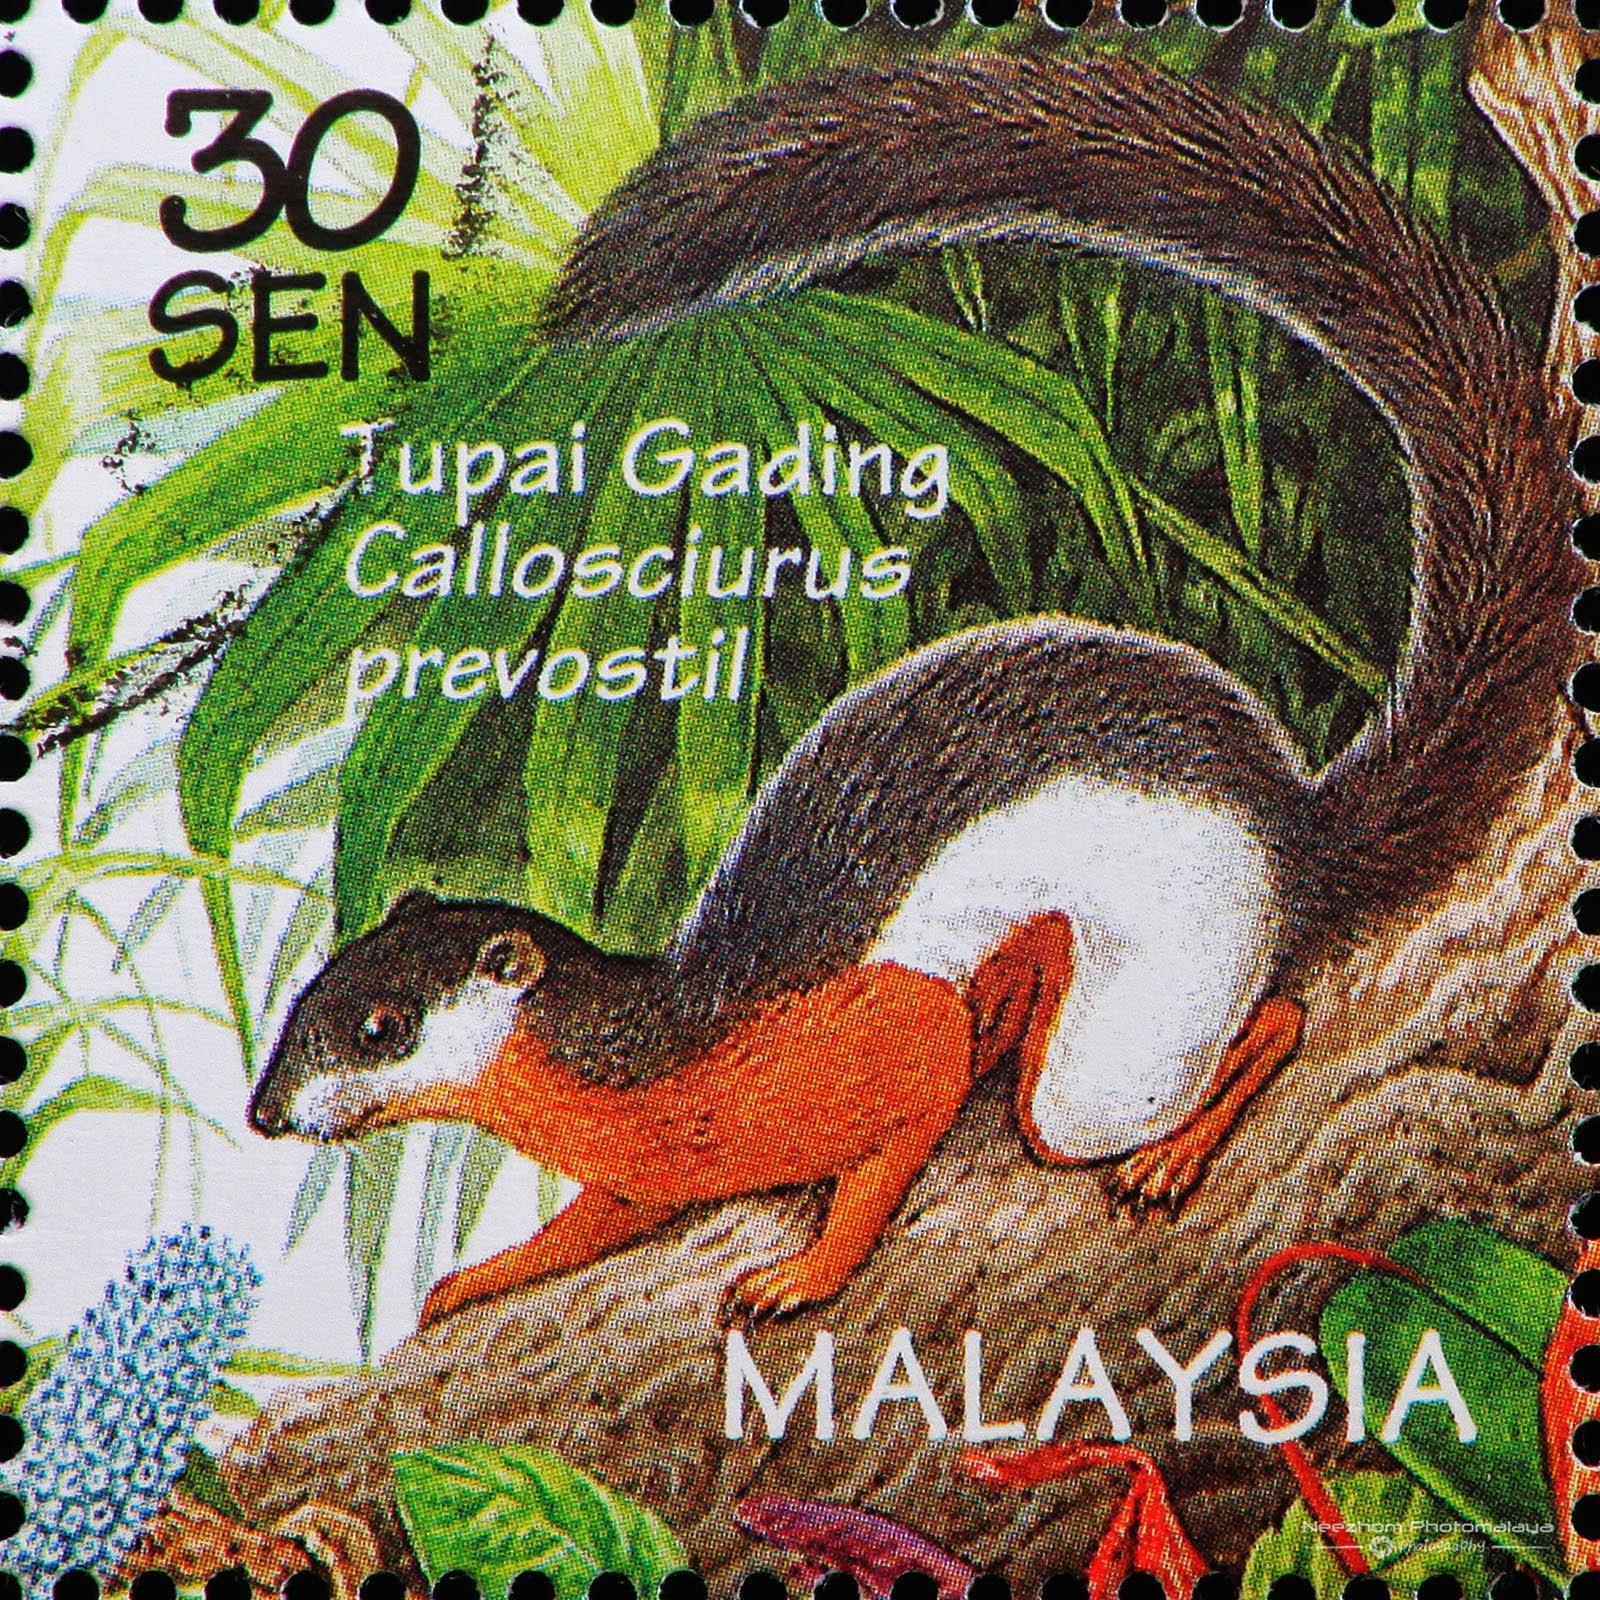 Malaysia 1996 Wildlife - Callosciurus / Tupai Gading (Callosciurus prevostil) 30 sen